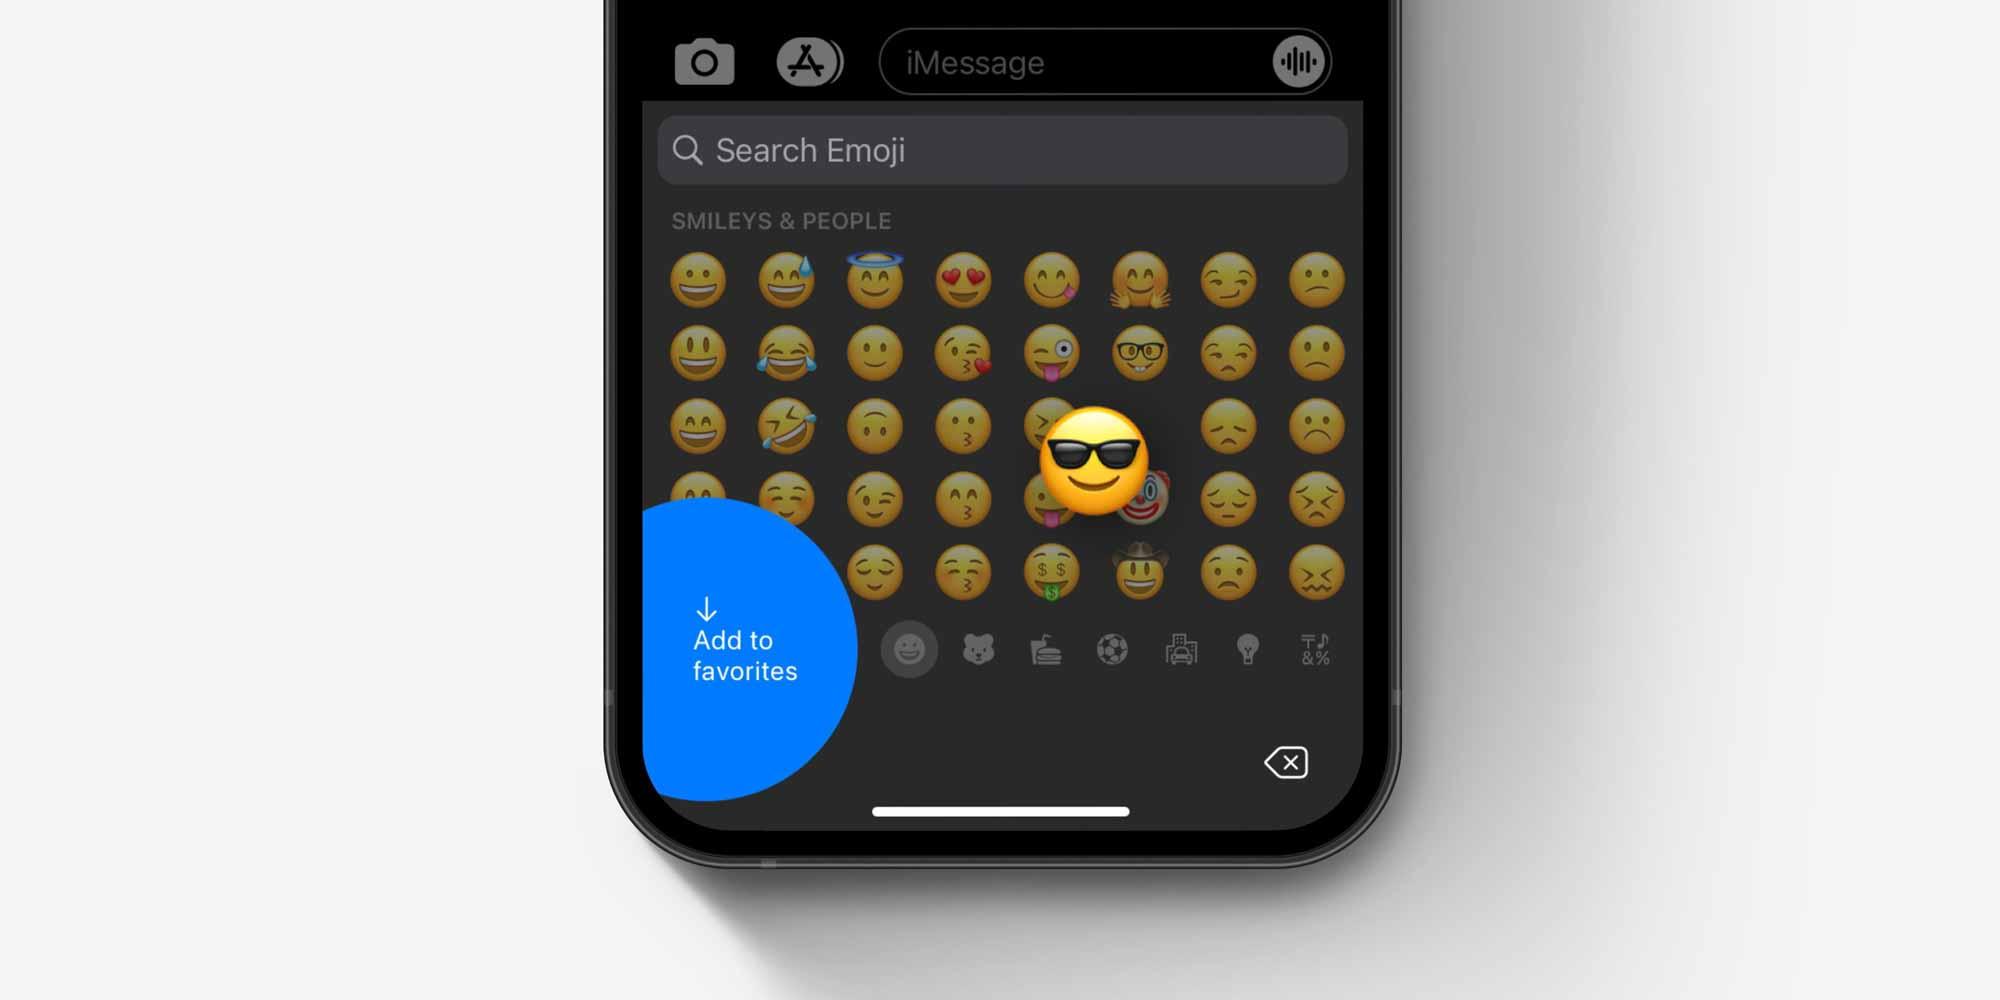 """Клавиатура смайликов iOS как """"добавить в избранное"""" концепция"""